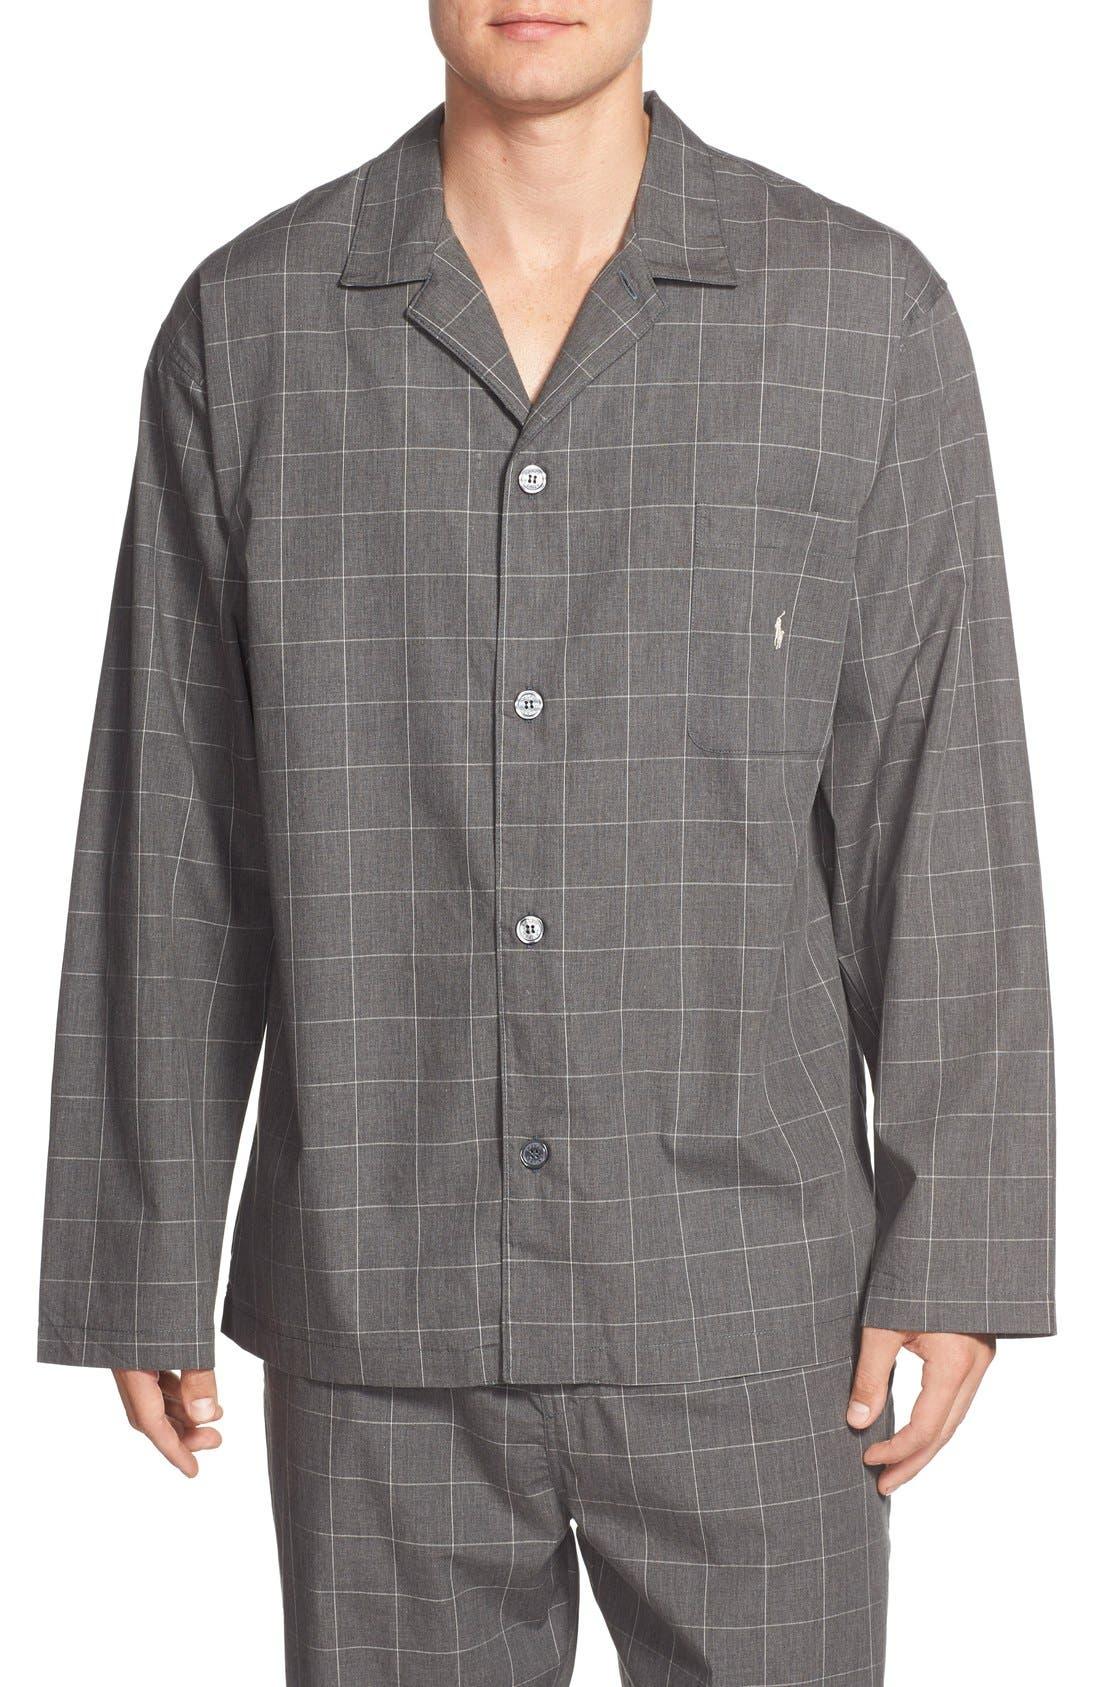 Woven Pajama Top,                             Main thumbnail 1, color,                             CHARCOAL